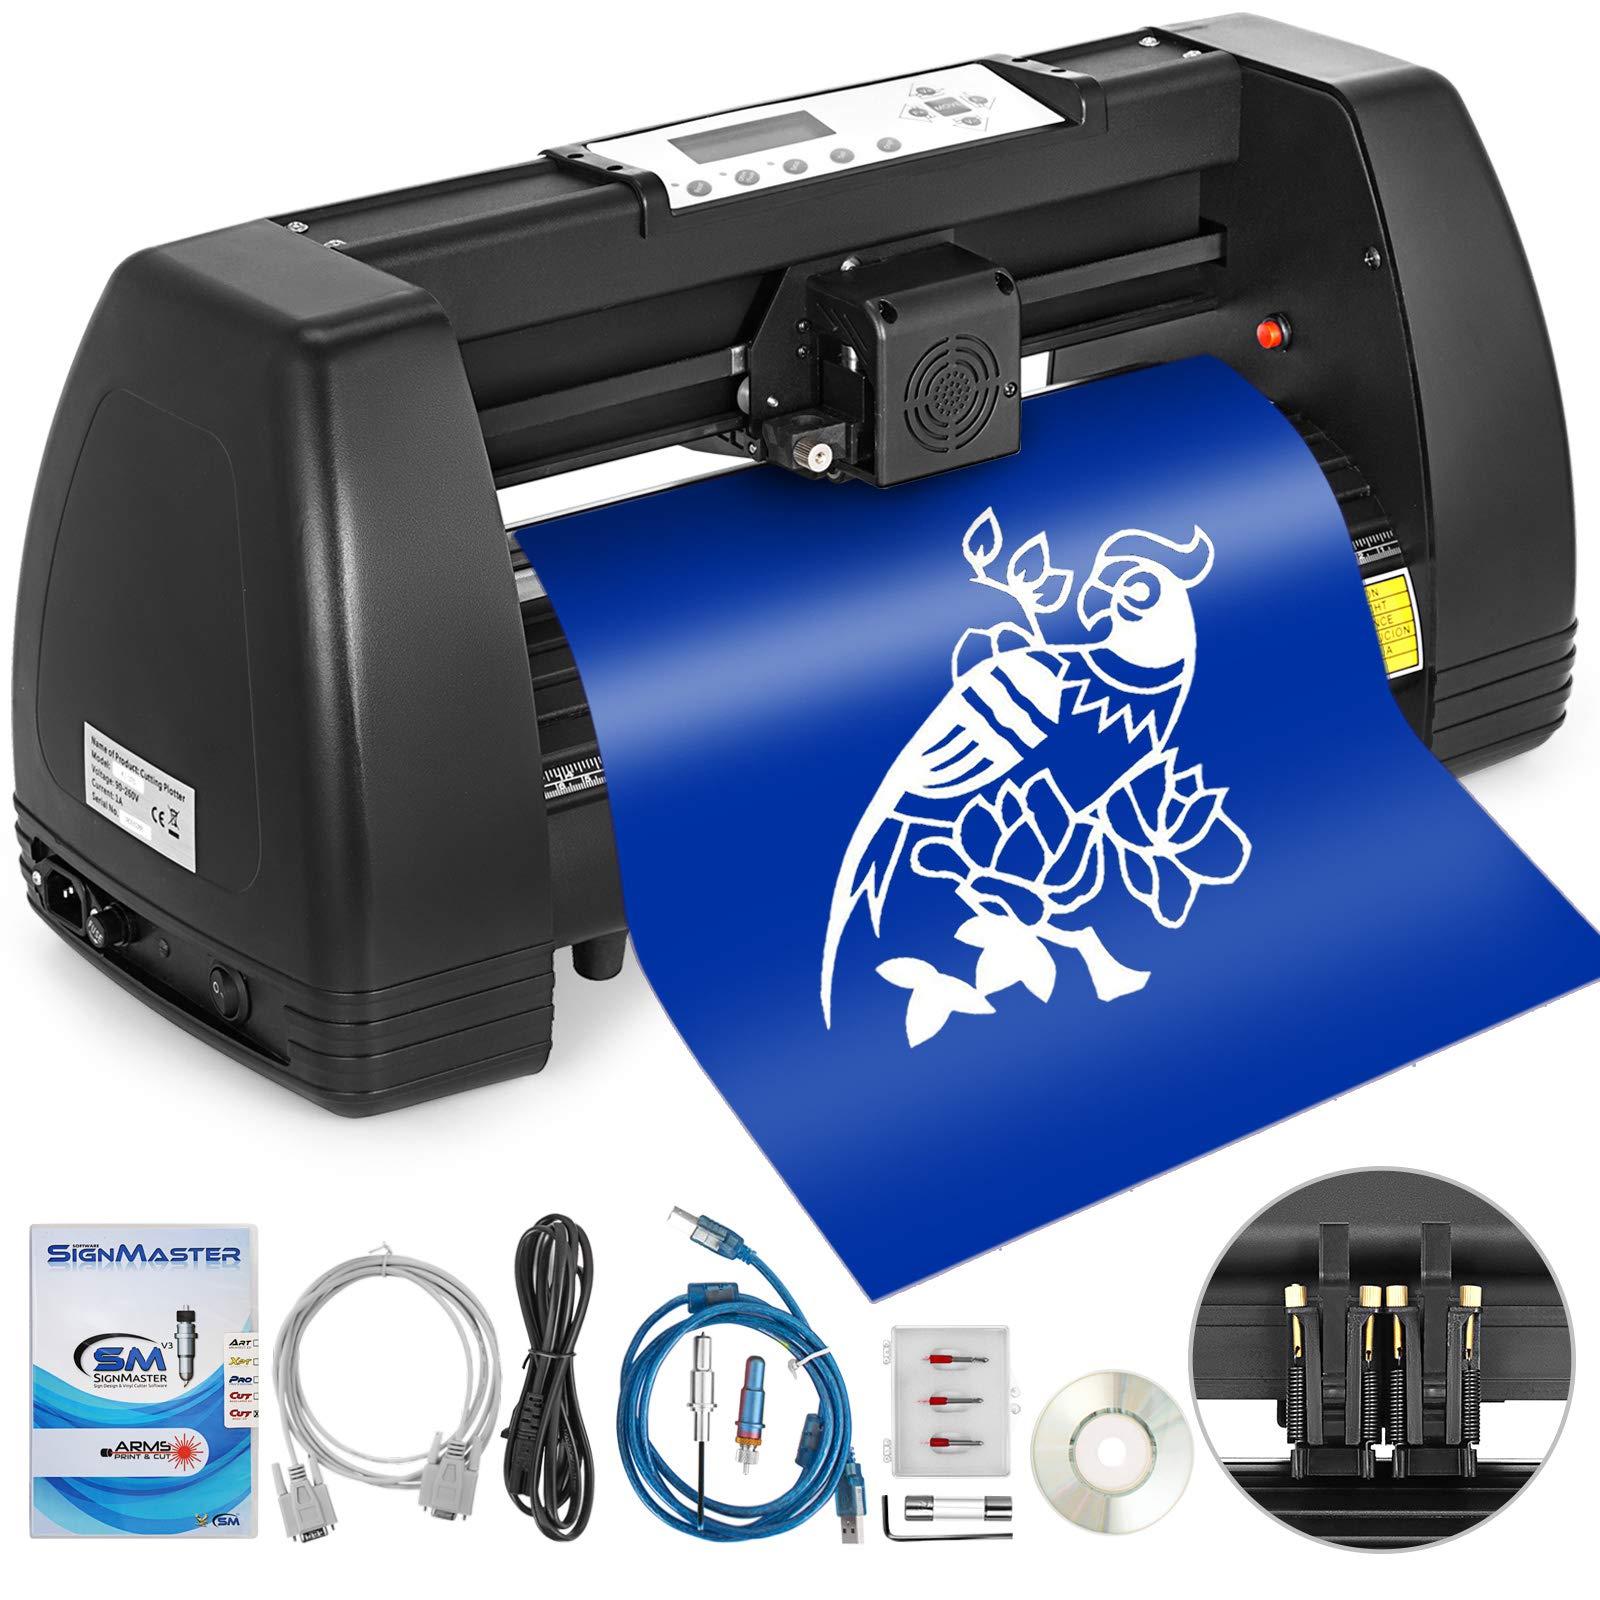 VEVOR Vinyl Cutter 14 Inch Plotter Machine 350mm Paper Feed Vinyl Cutter Plotter Signmaster Software Sign Making Machine (14Inch Style 2) by VEVOR